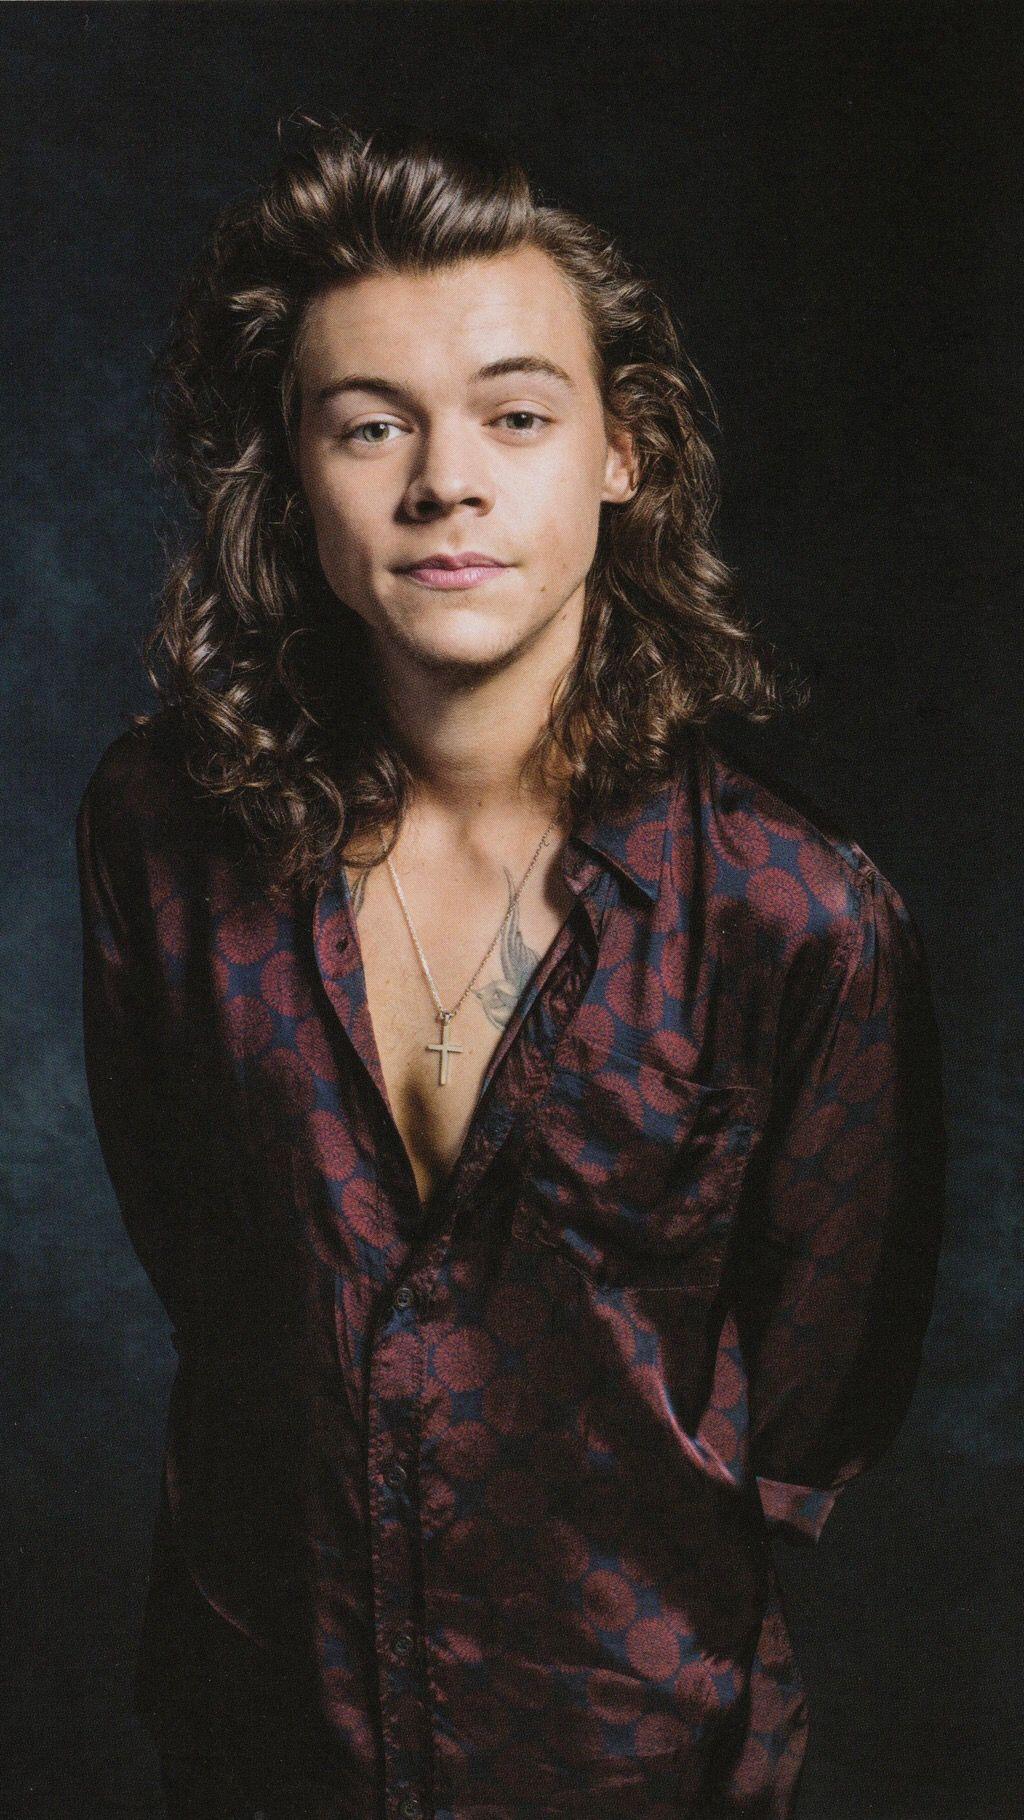 Harry Styles lockscreen Harry styles lockscreen, Harry